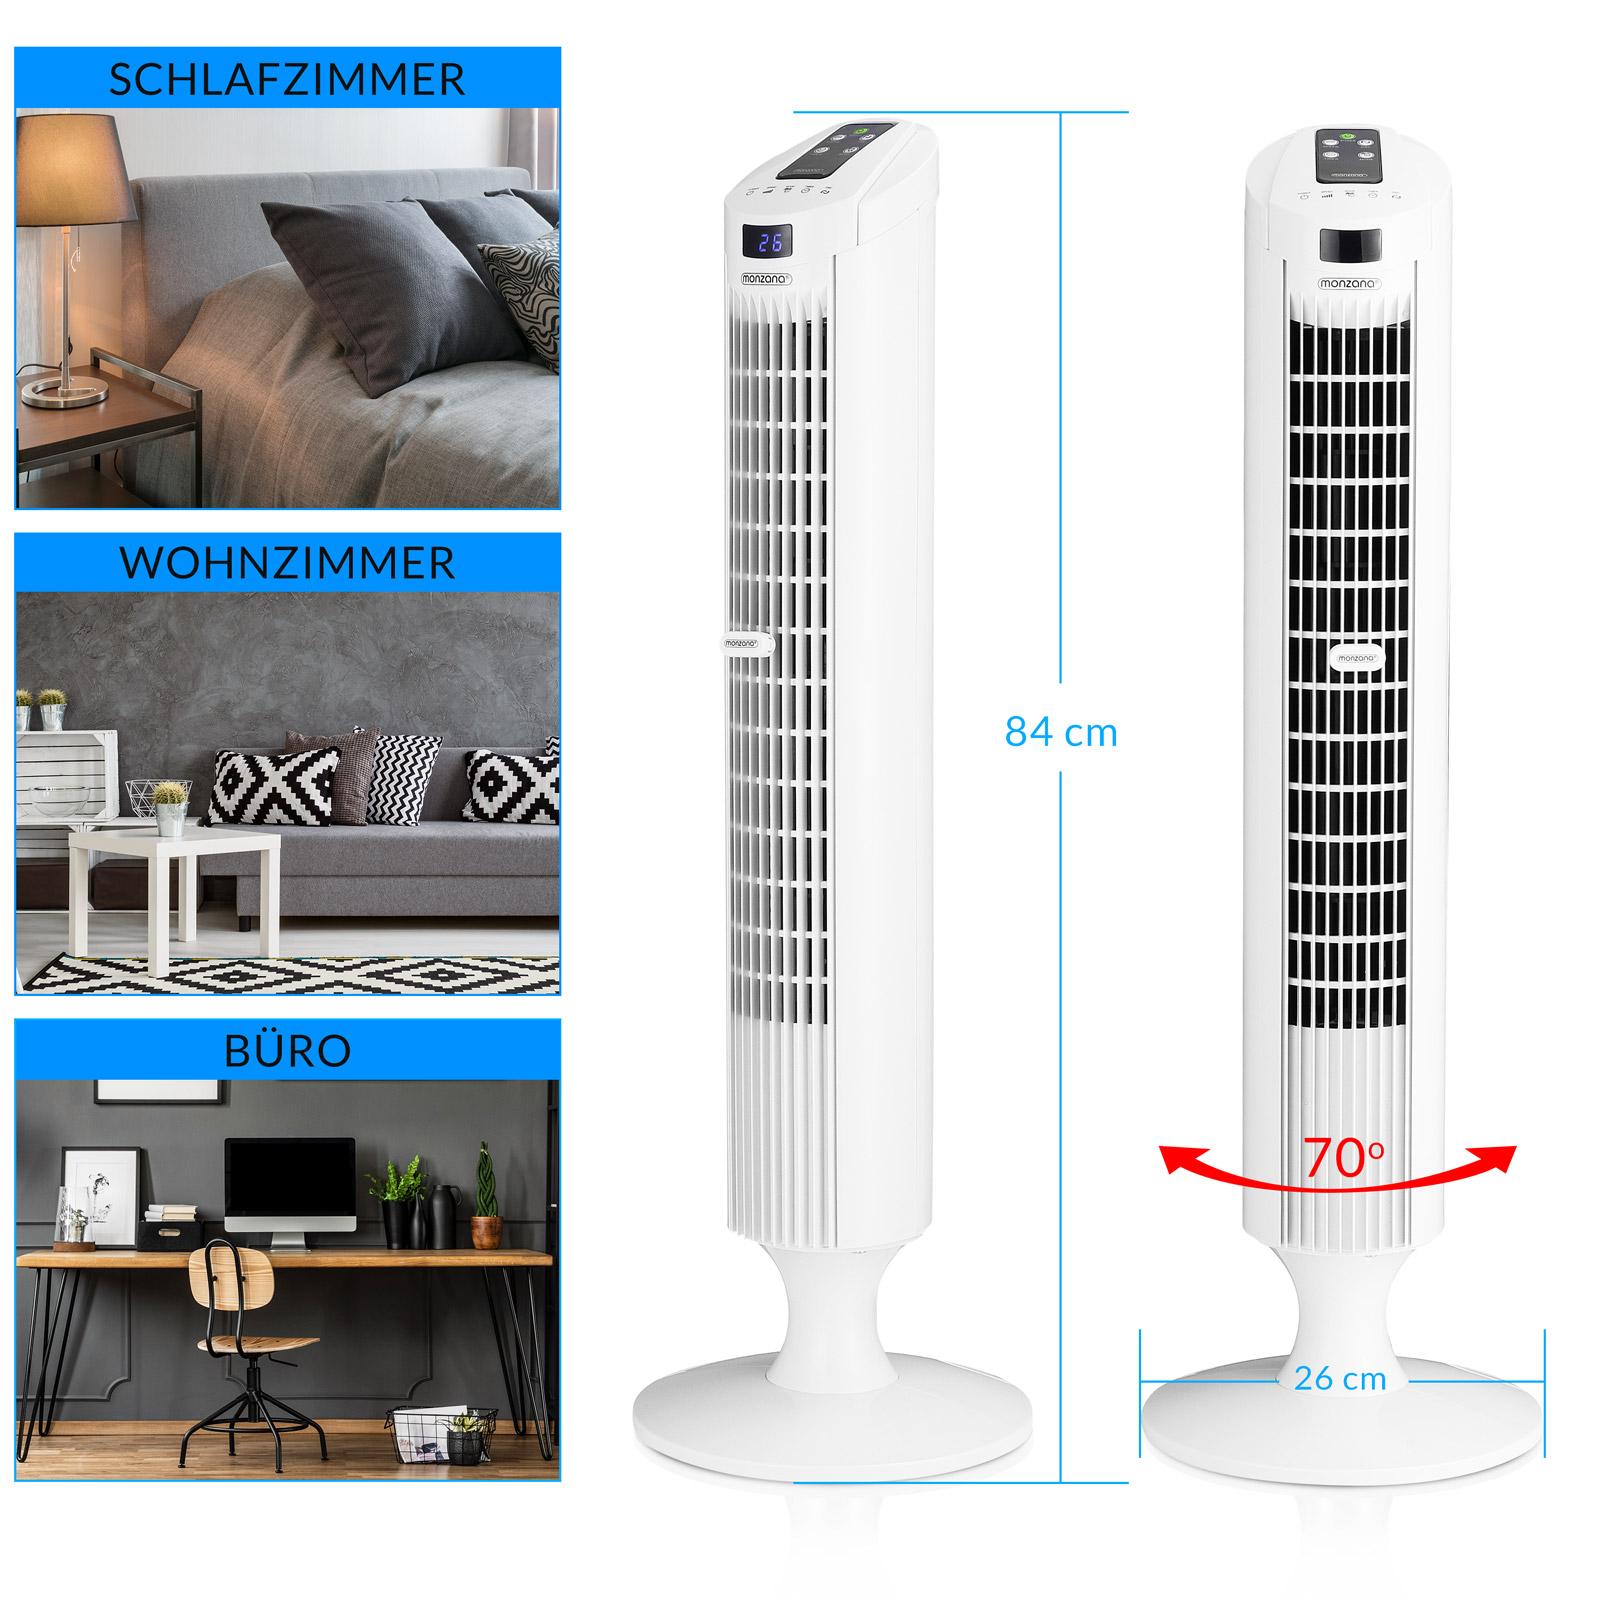 ventilateur colonne oscillant turbo fonction 3 vitesses de ventilation. Black Bedroom Furniture Sets. Home Design Ideas